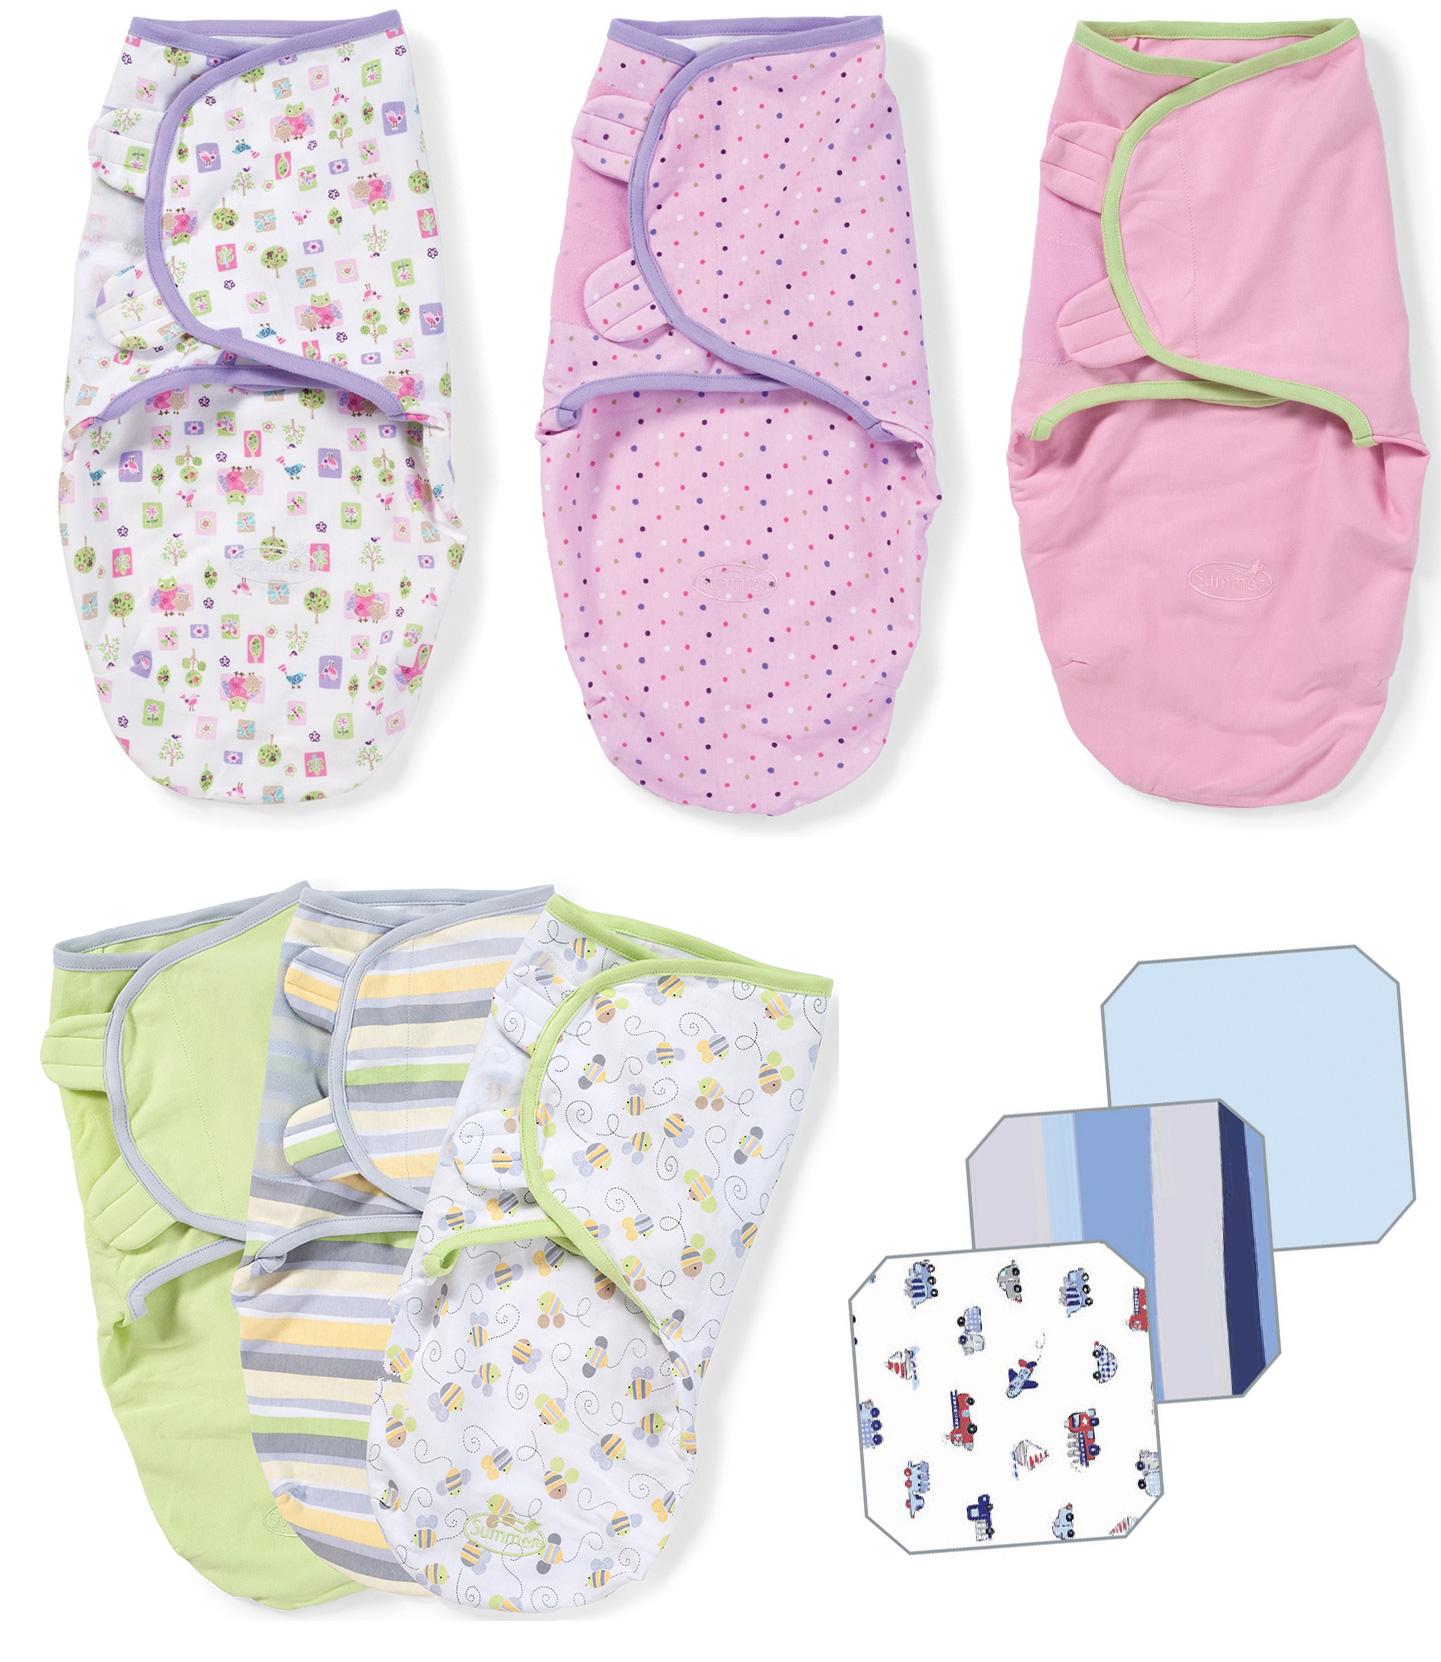 Summer Infant Swaddleme Blanket 7500 Photo Blanket